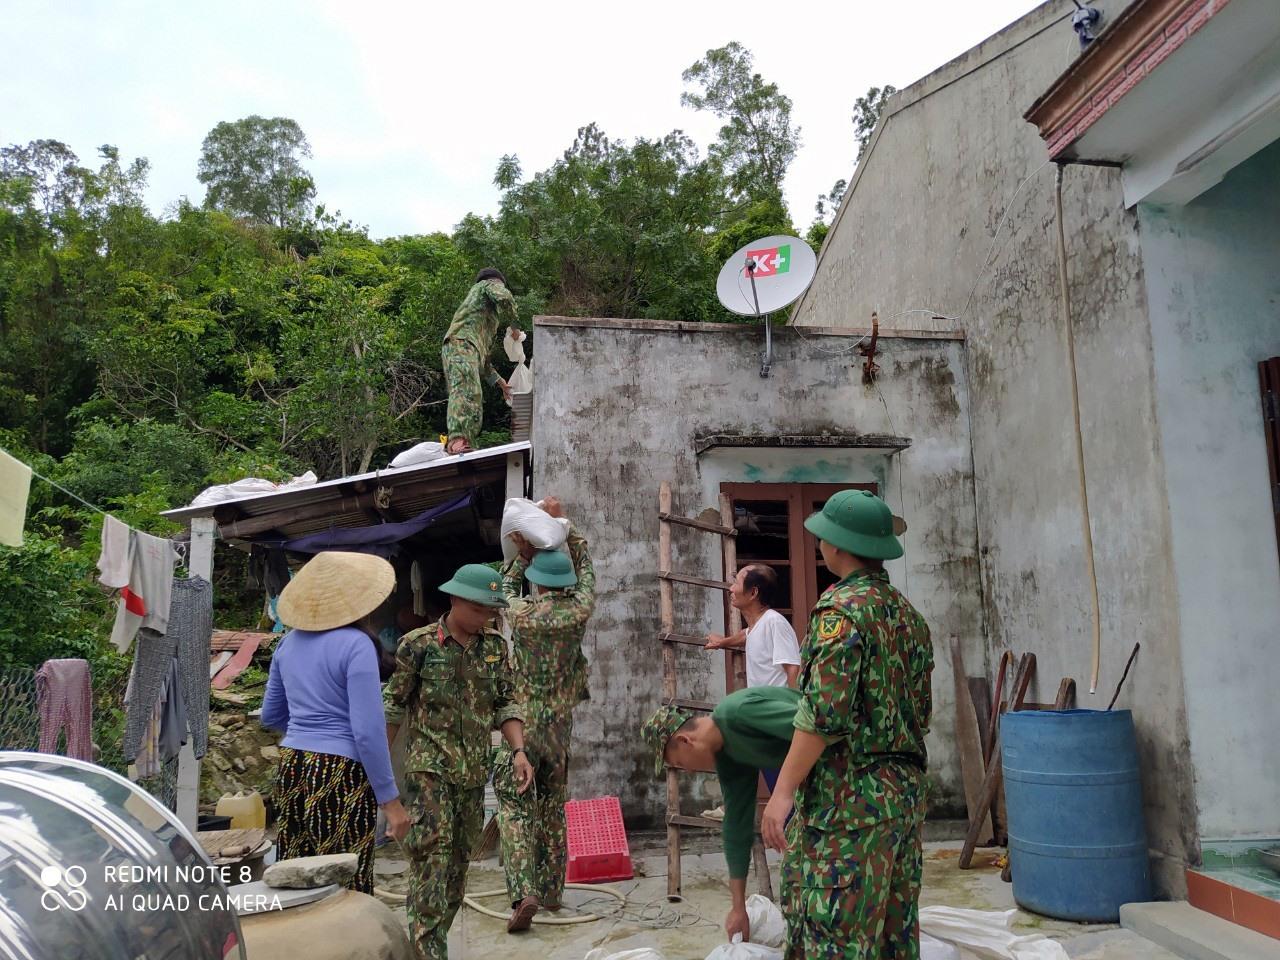 Cán bộ, chiến sĩ Tiểu đoàn 70 giúp người dân xã đảo Tân Hiệp ứng phó với mưa bão. Ảnh: LÊ TÂY